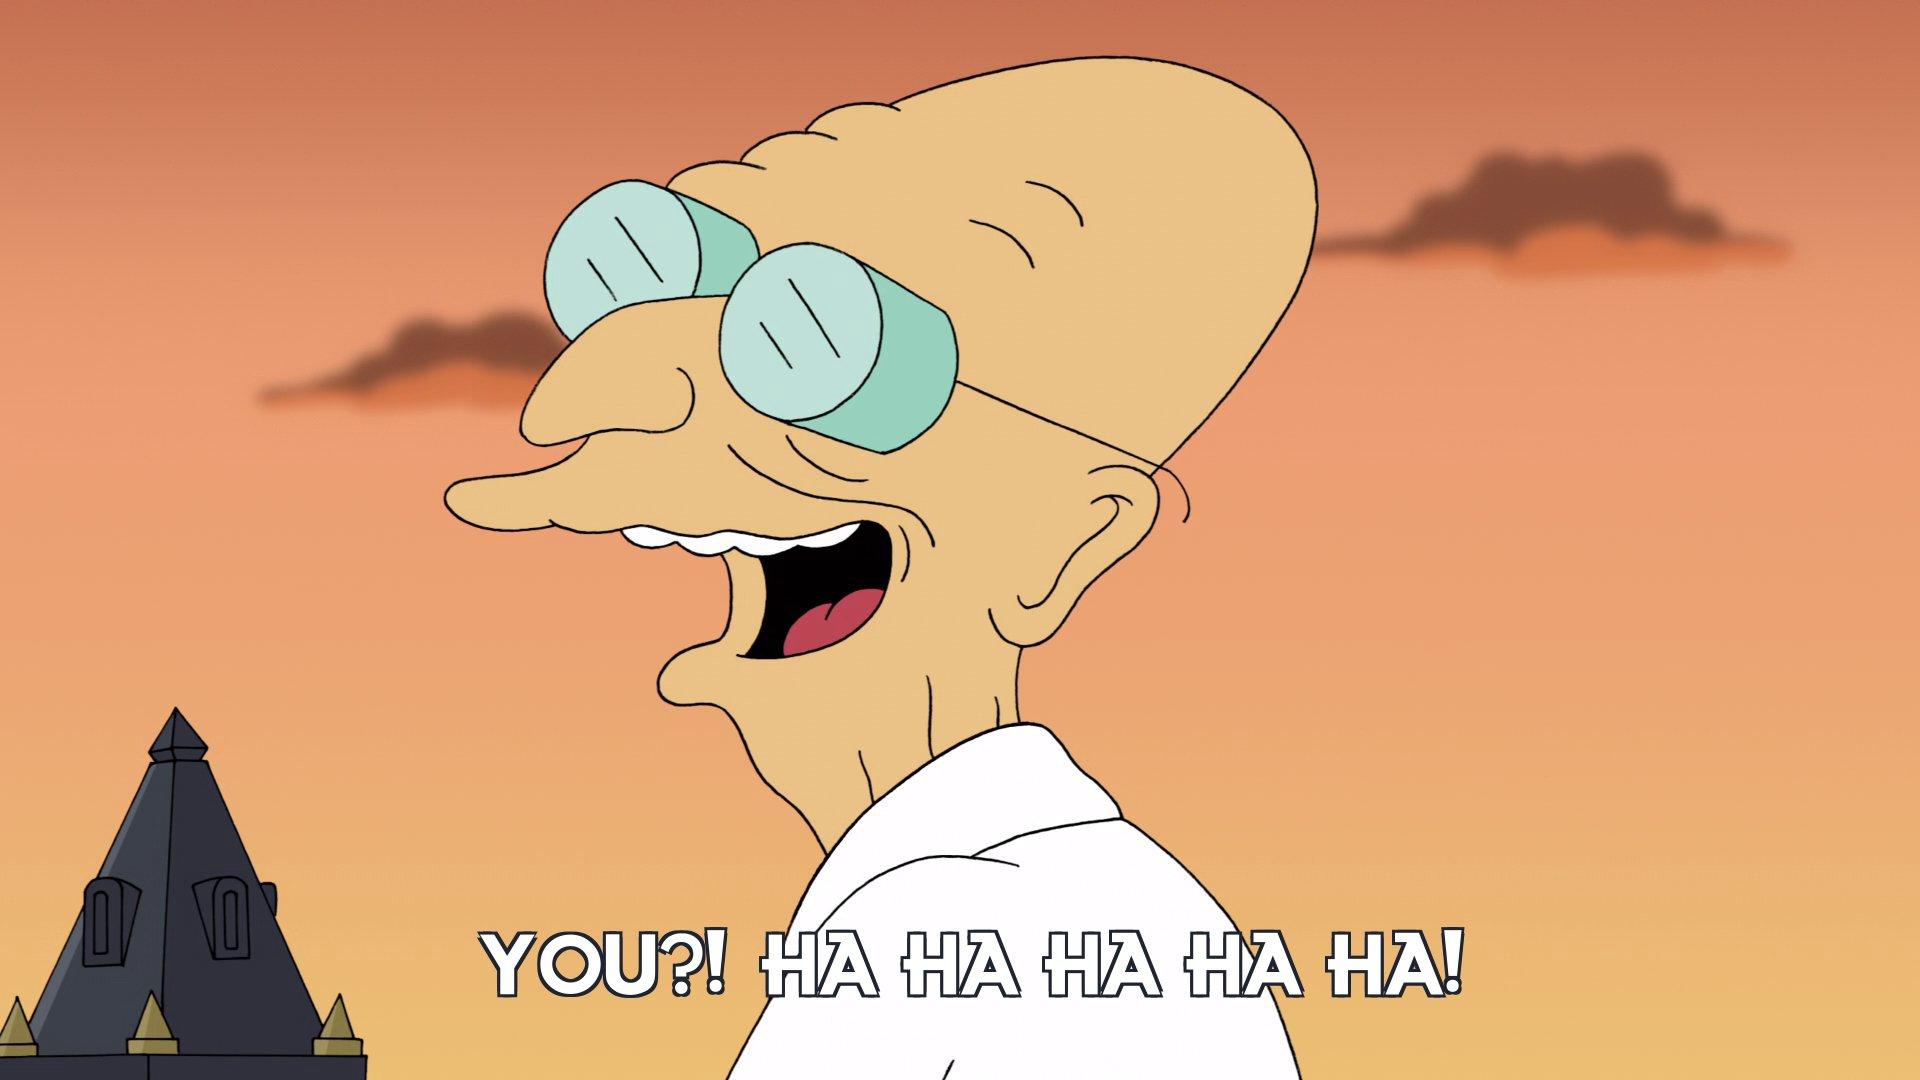 Prof Hubert J Farnsworth: You?! Ha ha ha ha ha!